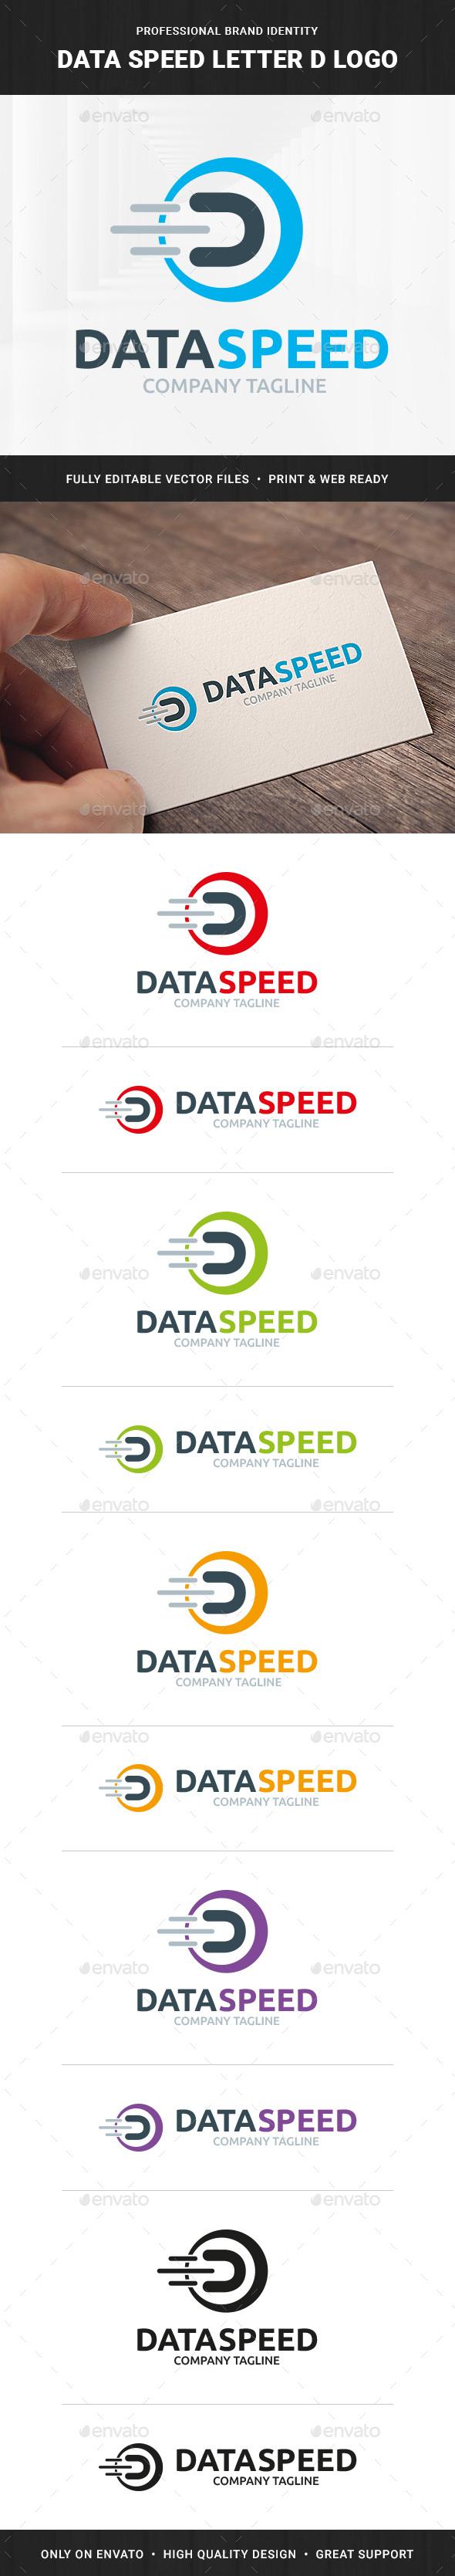 Data Speed - Letter D Logo